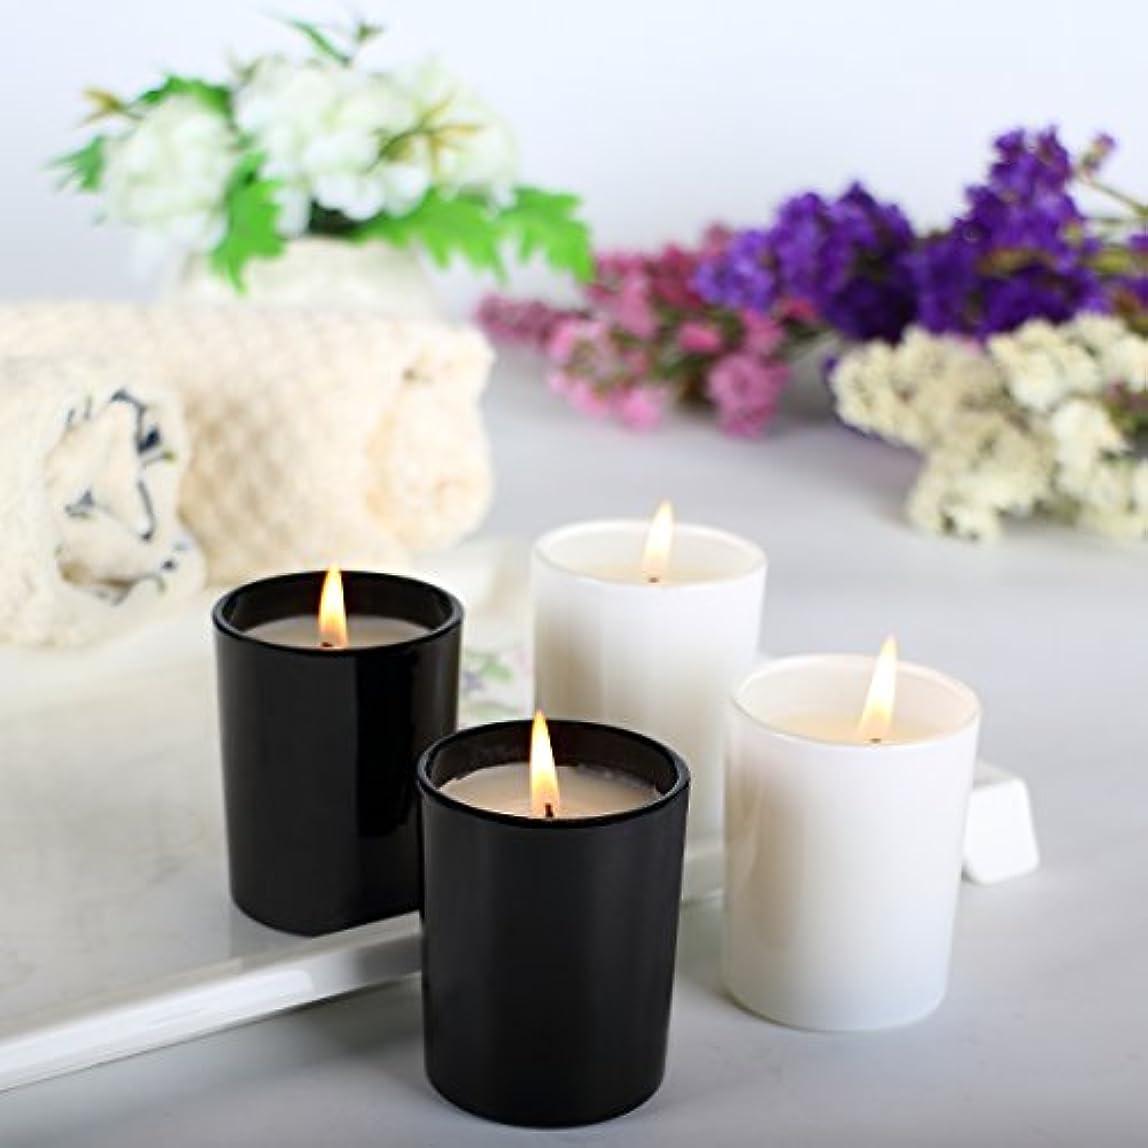 魔術非効率的な稼ぐ(4 70ml) - Scented Candle, Pack 4 Candles - Includes Gardenia, Lemongrass, Pine, Vanilla Soy Candles for Stress...